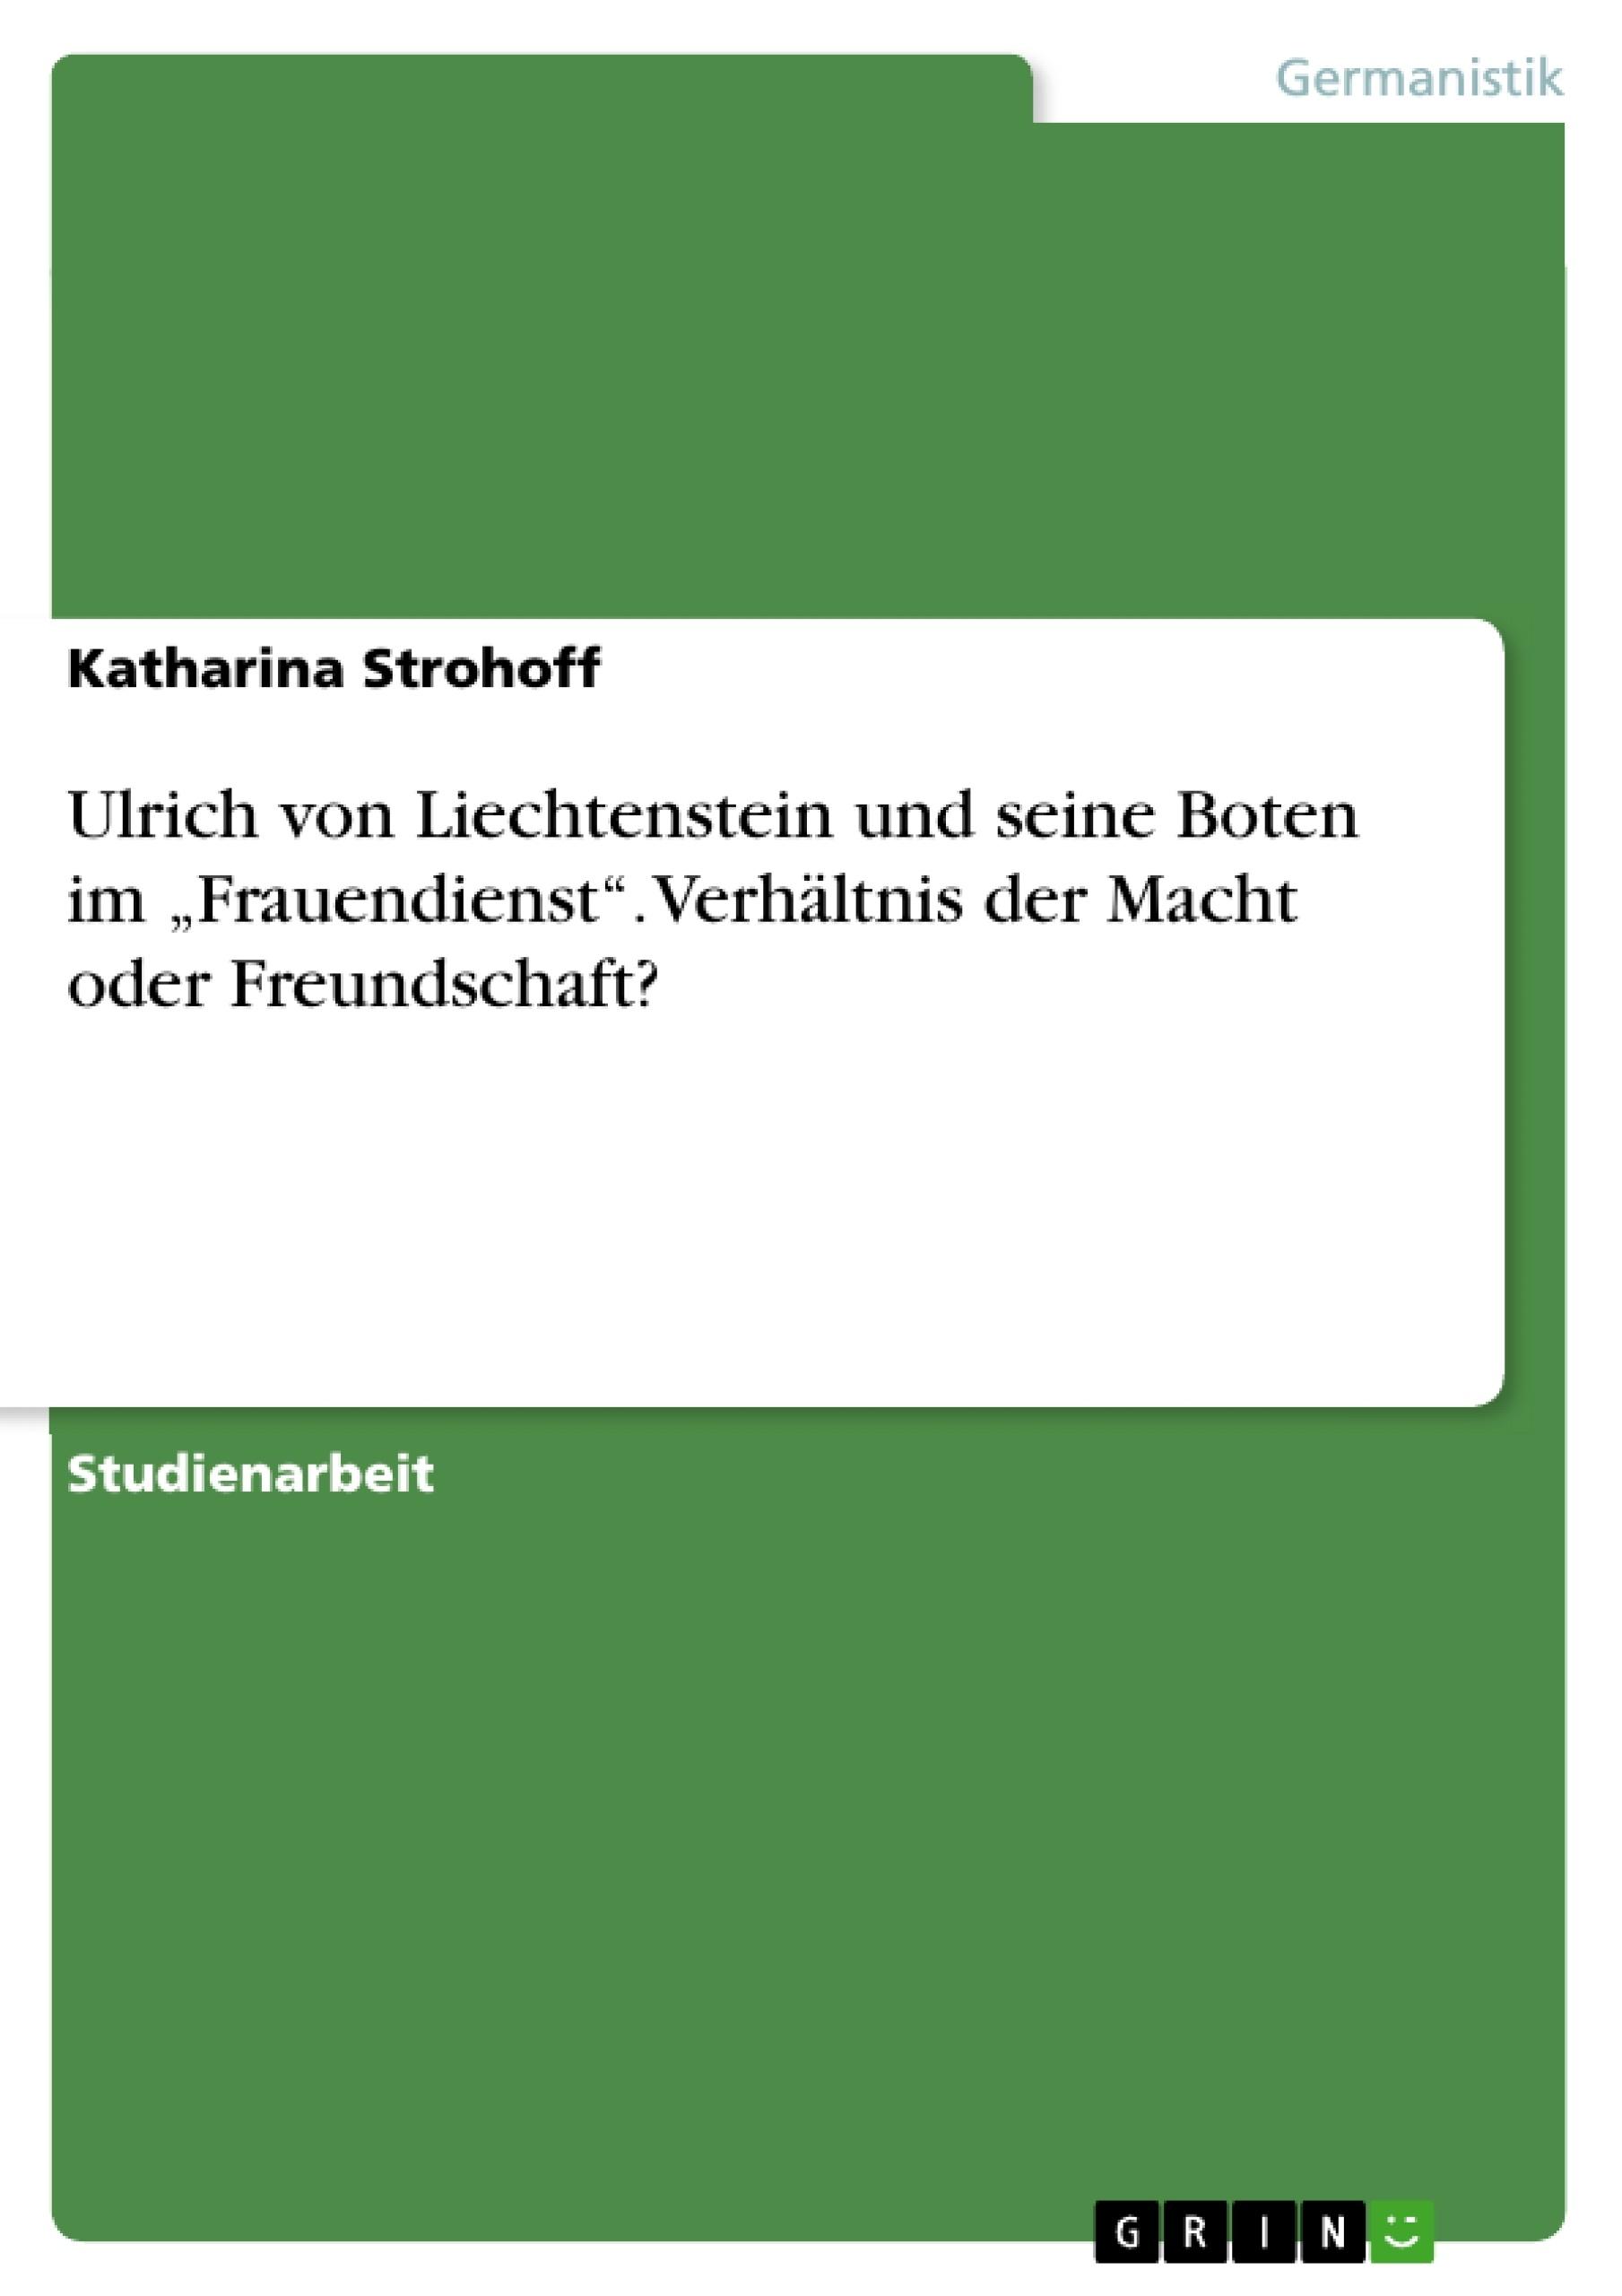 """Titel: Ulrich von Liechtenstein und seine Boten im """"Frauendienst"""". Verhältnis der Macht oder Freundschaft?"""